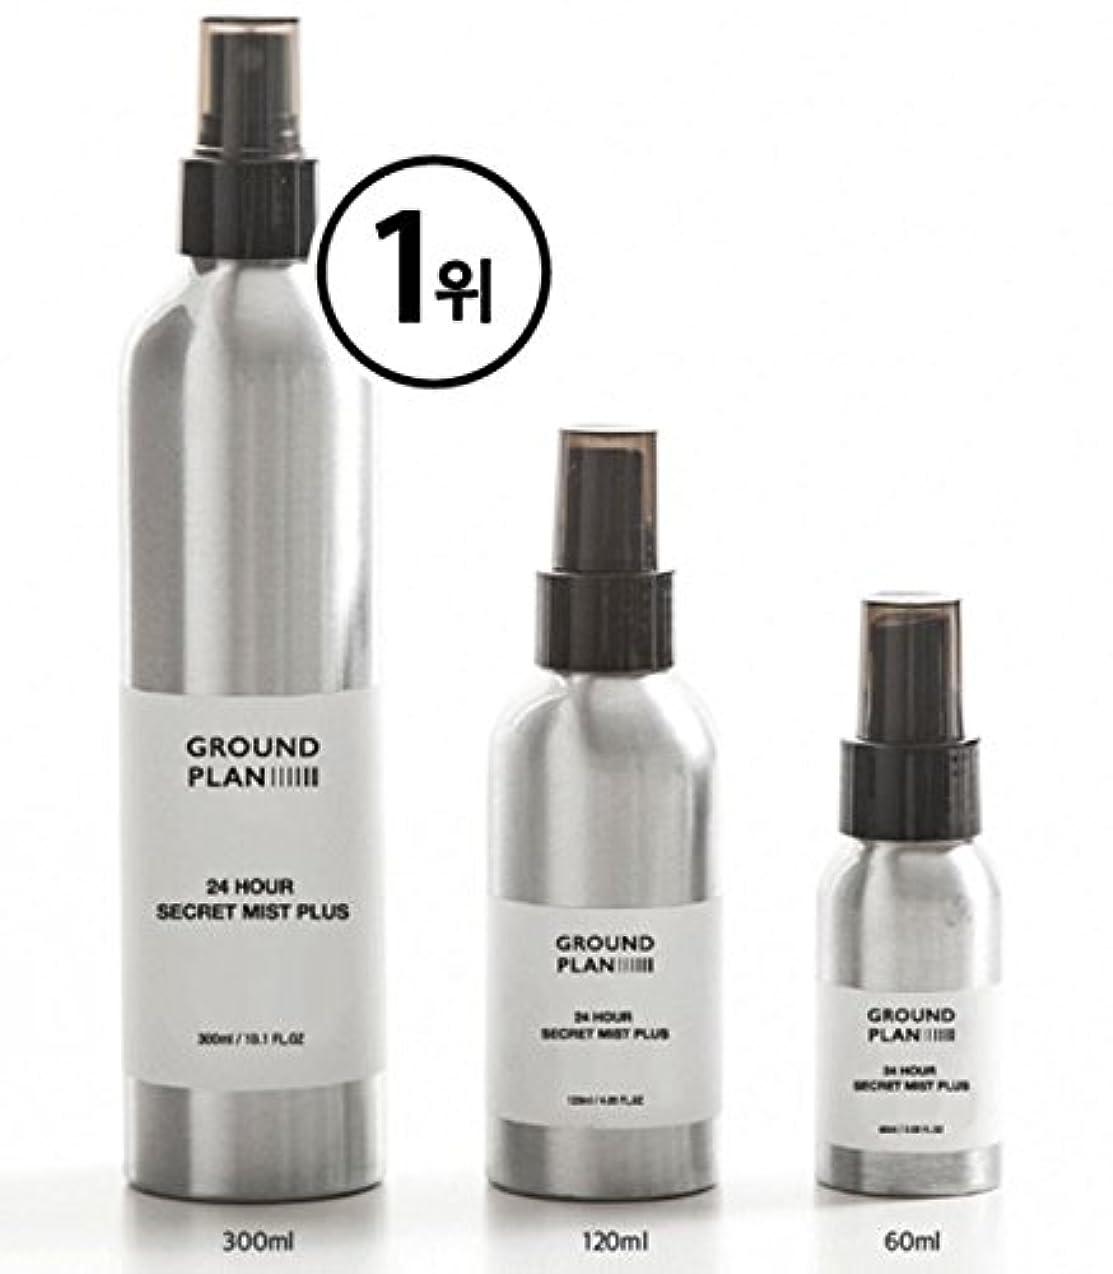 北米大使館絶望的な[グラウンド?プラン] 24Hour 秘密 スキンミスト Plus (120ml) (300ml) Ground plan 24 Hour Secret Skin Mist Plus [海外直送品] (120ml)